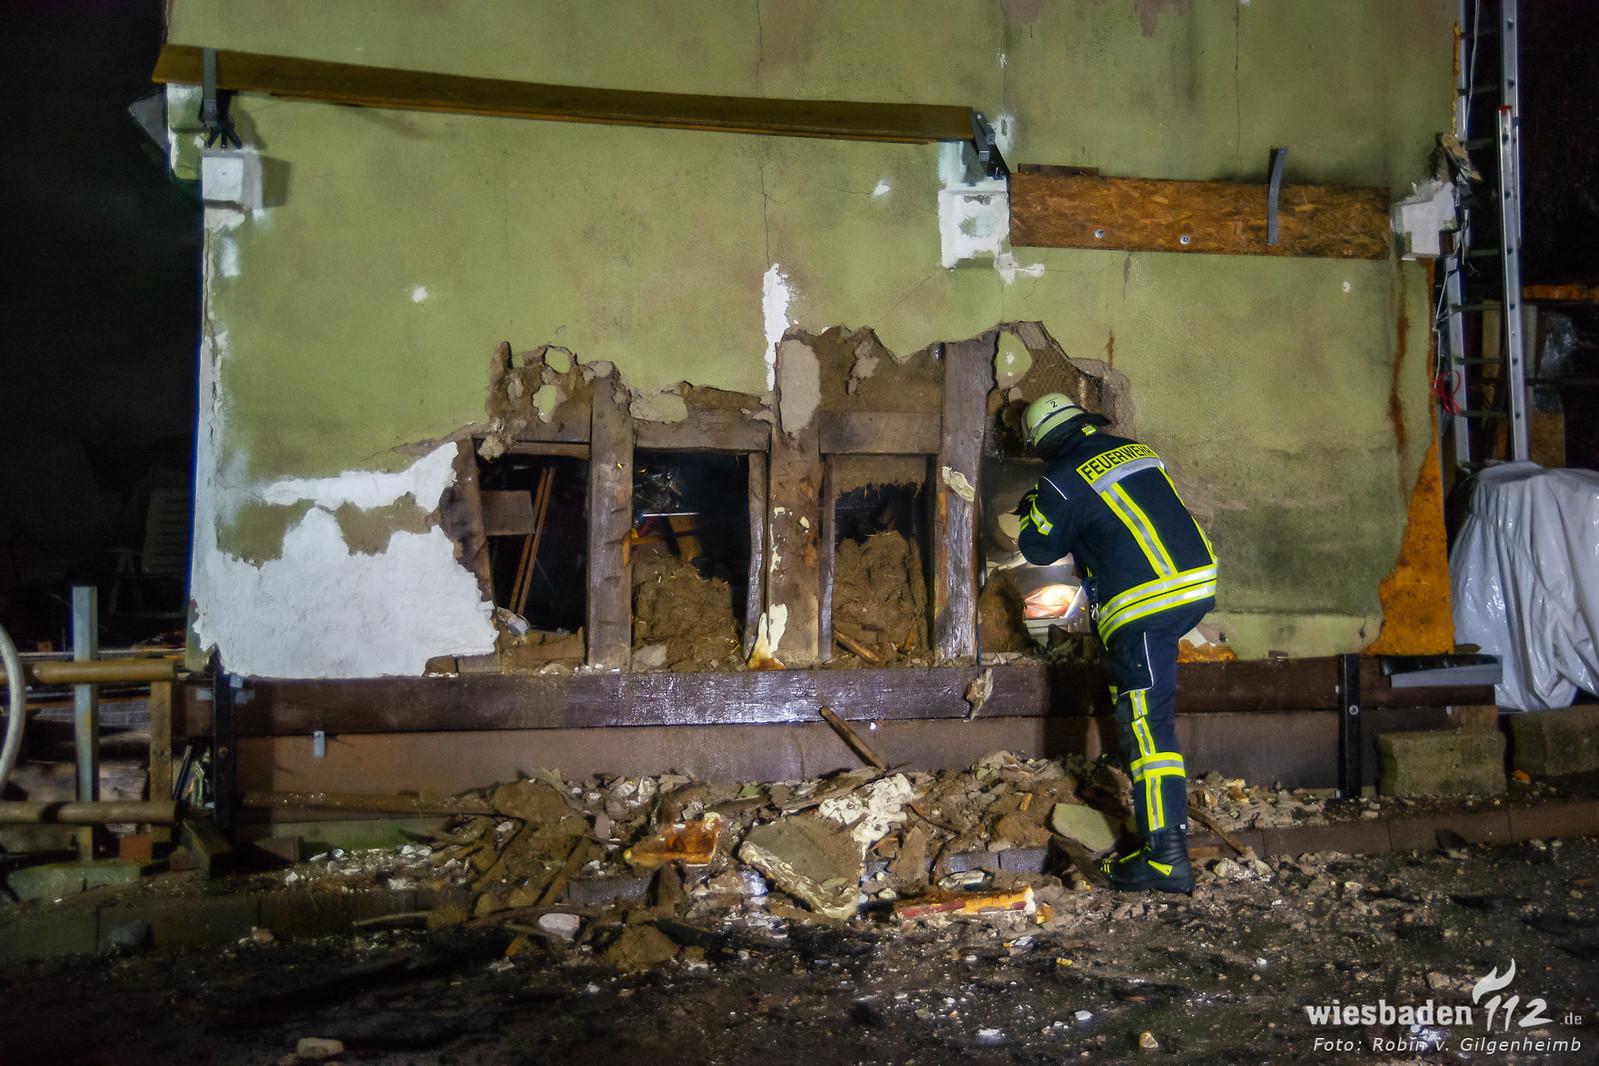 22-02-2020 Heidenrod Gebäudebrand (48 von 48)